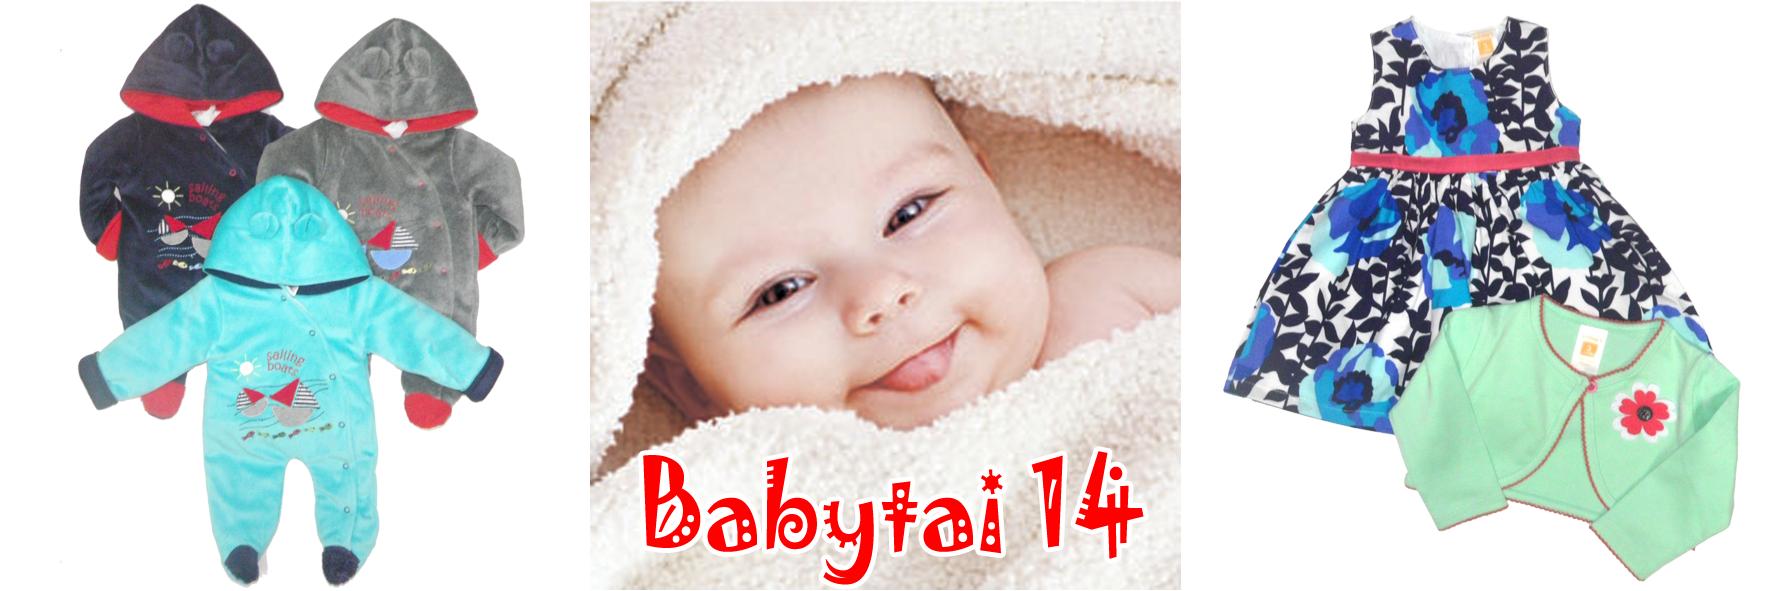 Сбор заказов. Babytai - большой выбор детской одежды от 0 и старше. Утепленные костюмы для малышей. Праздничные платья. Распродажа: все по 200, 300, 400 рублей. Выкуп 14